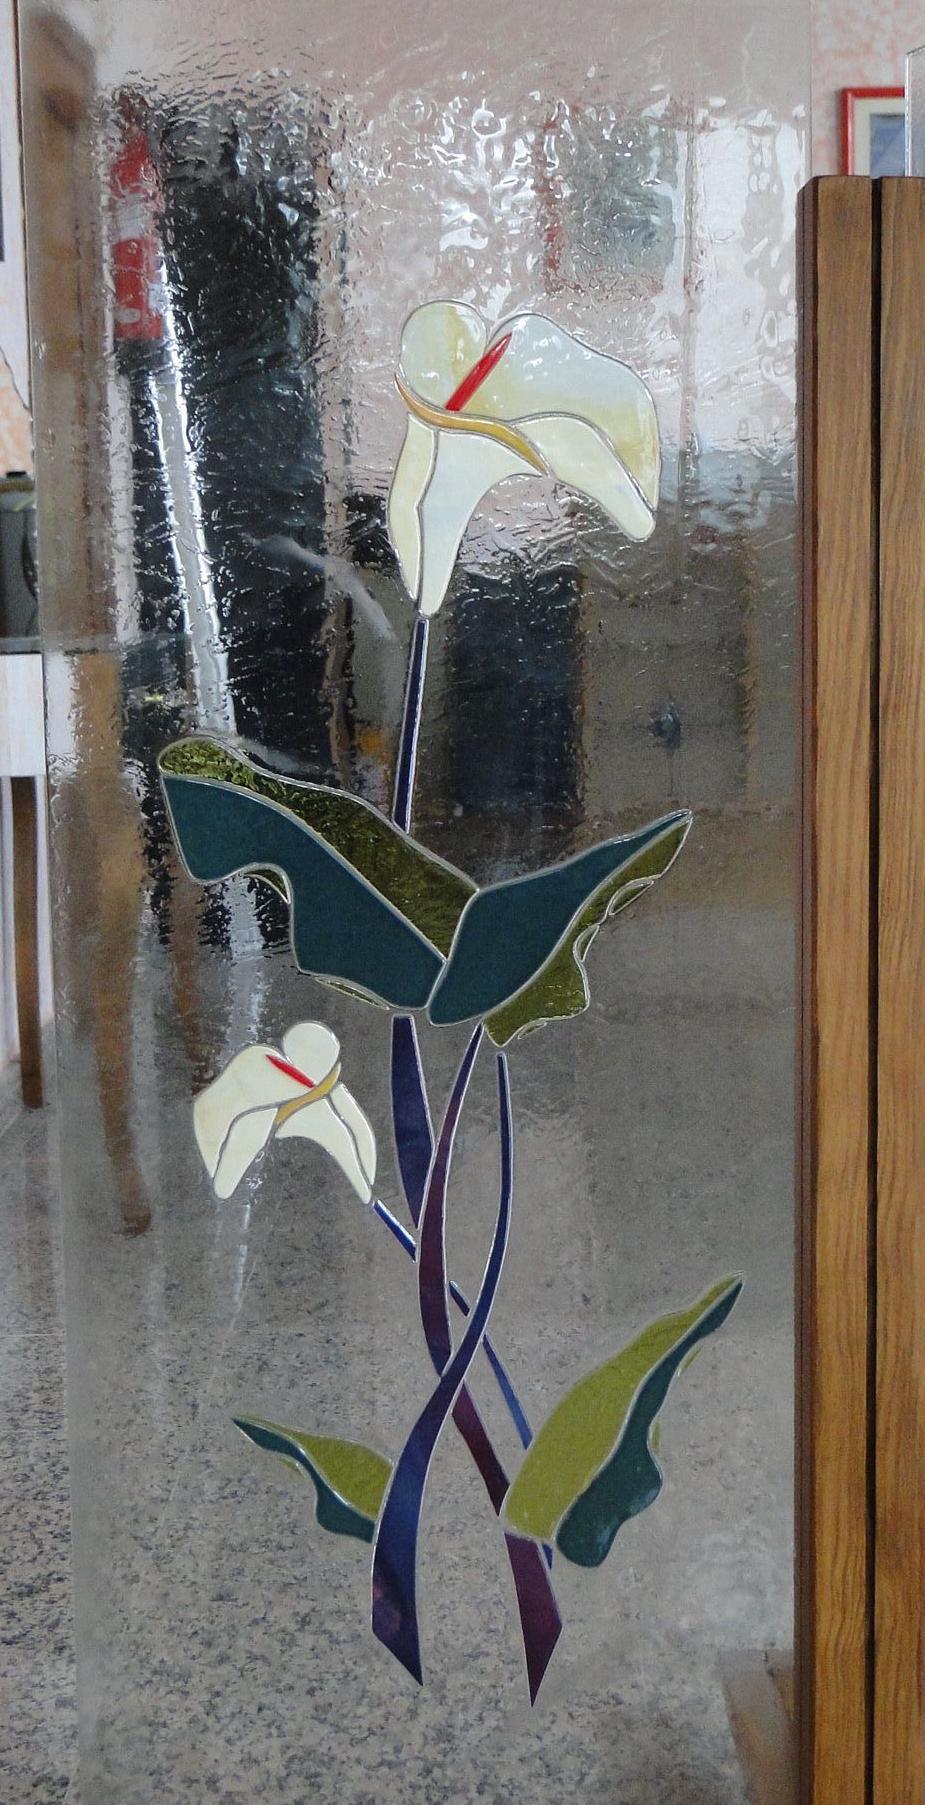 vidrios puertas interiores: Productos y Servicios of Cristalería Artesana, S.L.